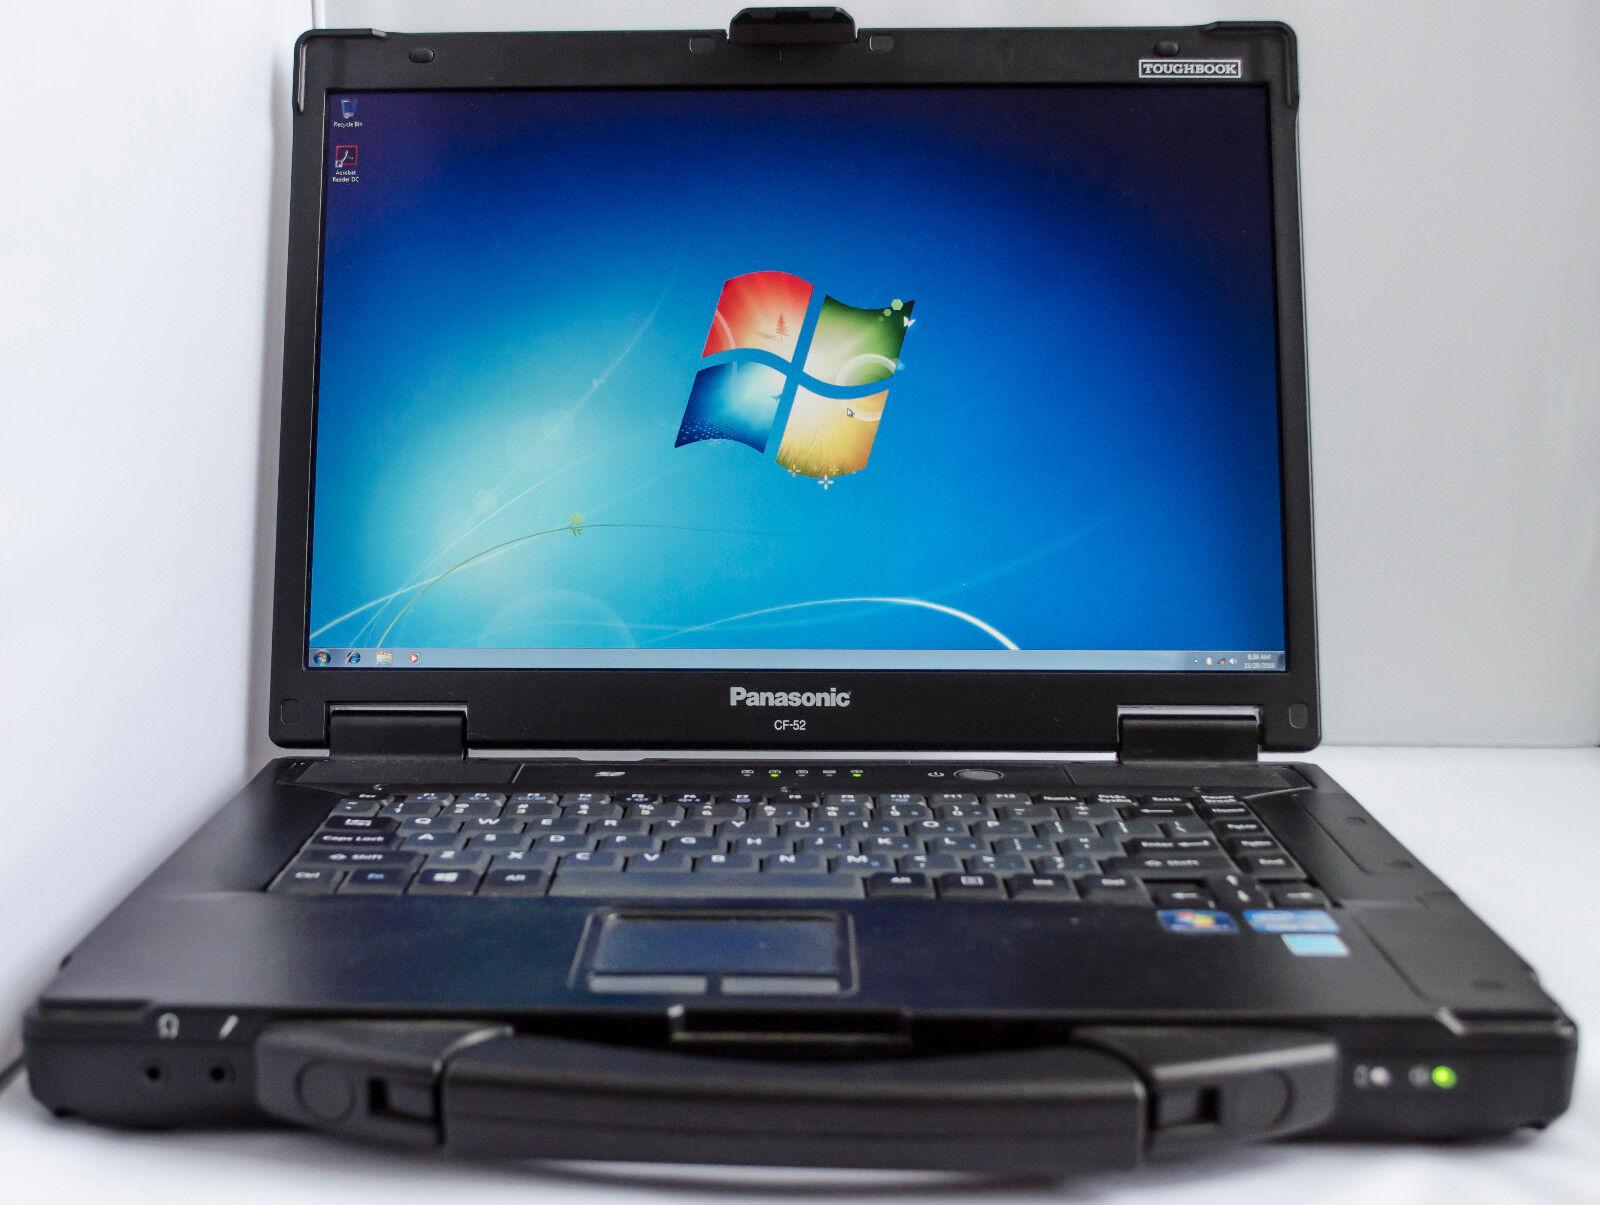 Panasonic Toughbook CF-52 MK3 i5-540M 4GB 240GB SSD ATI Radeon FullHD DVD WIFI